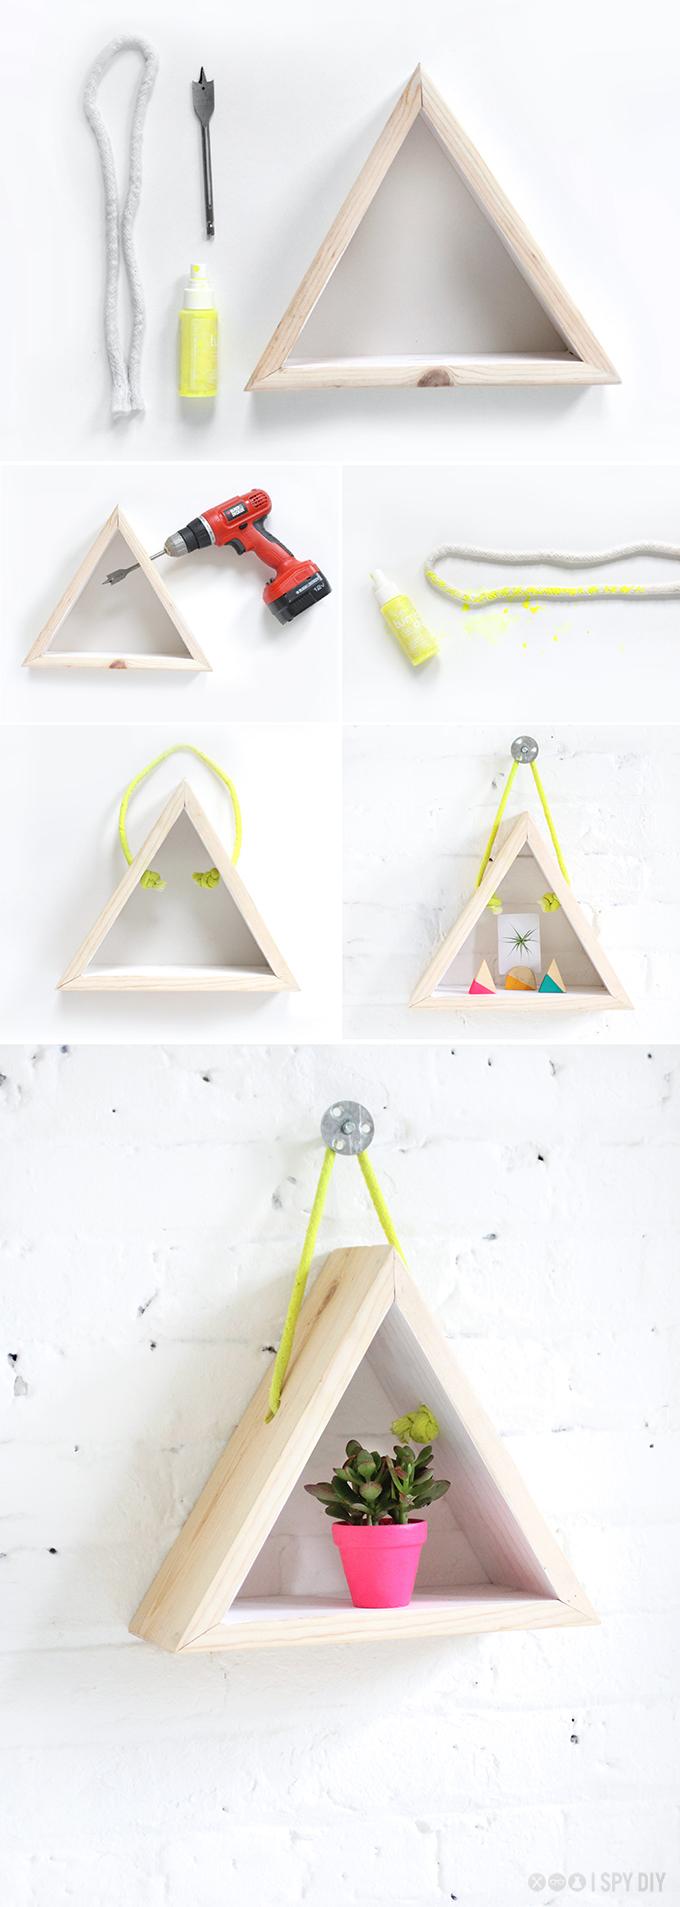 ispdiy_triangleshelf_steps